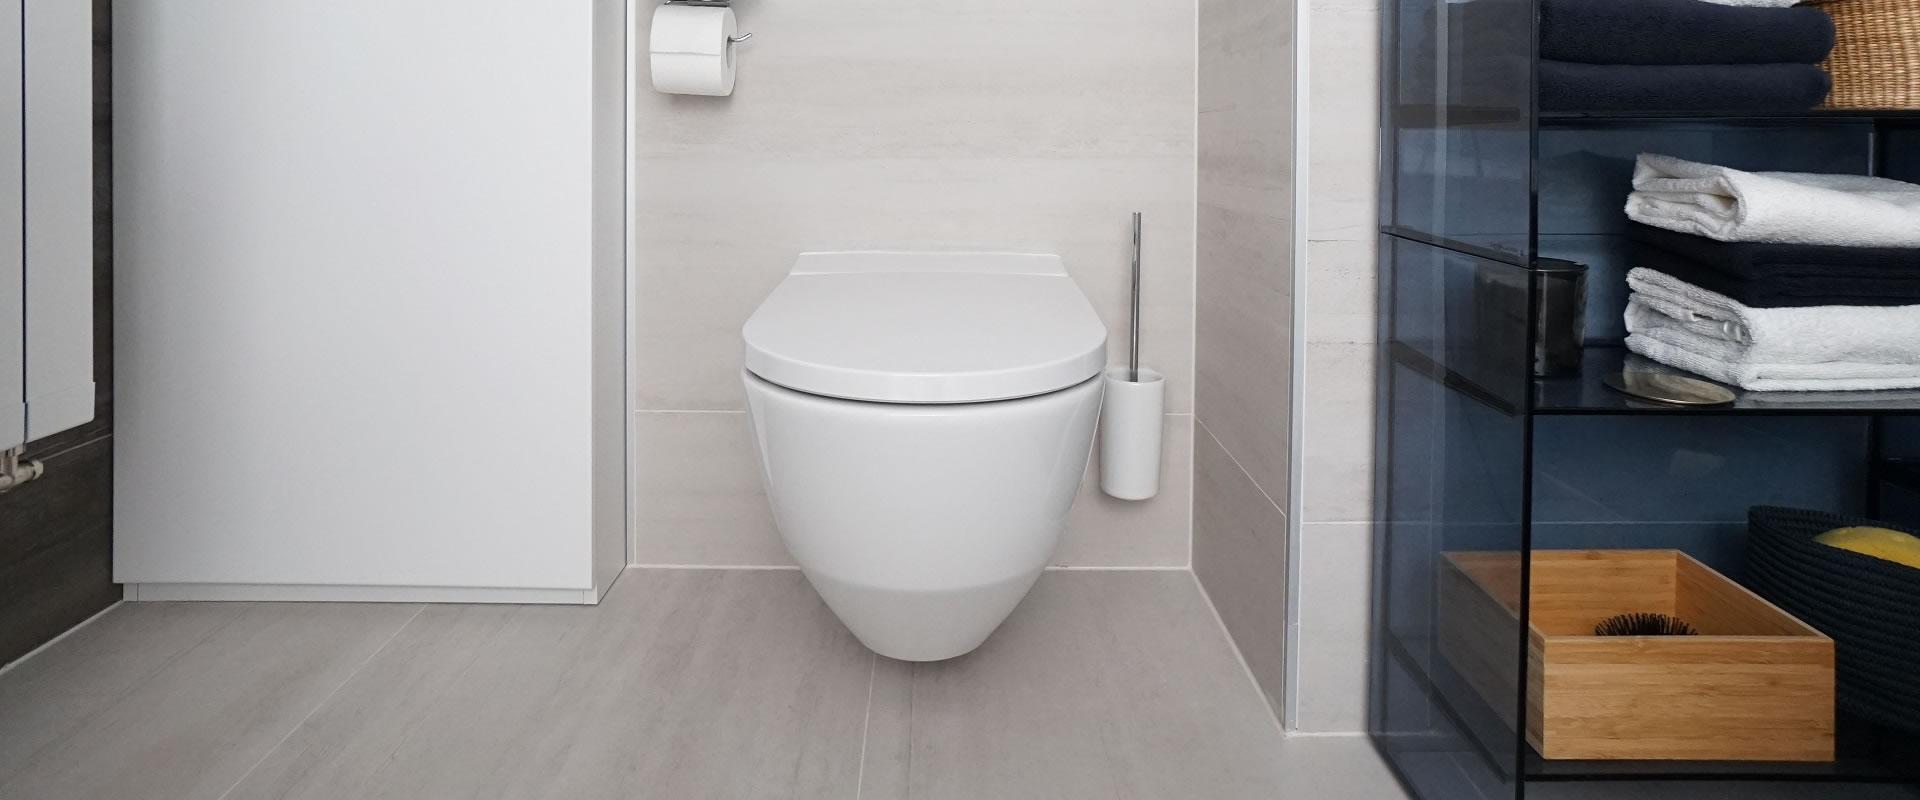 WC školjka s funkcijom bidea: Neizostavni dio svake moderne kupaonice